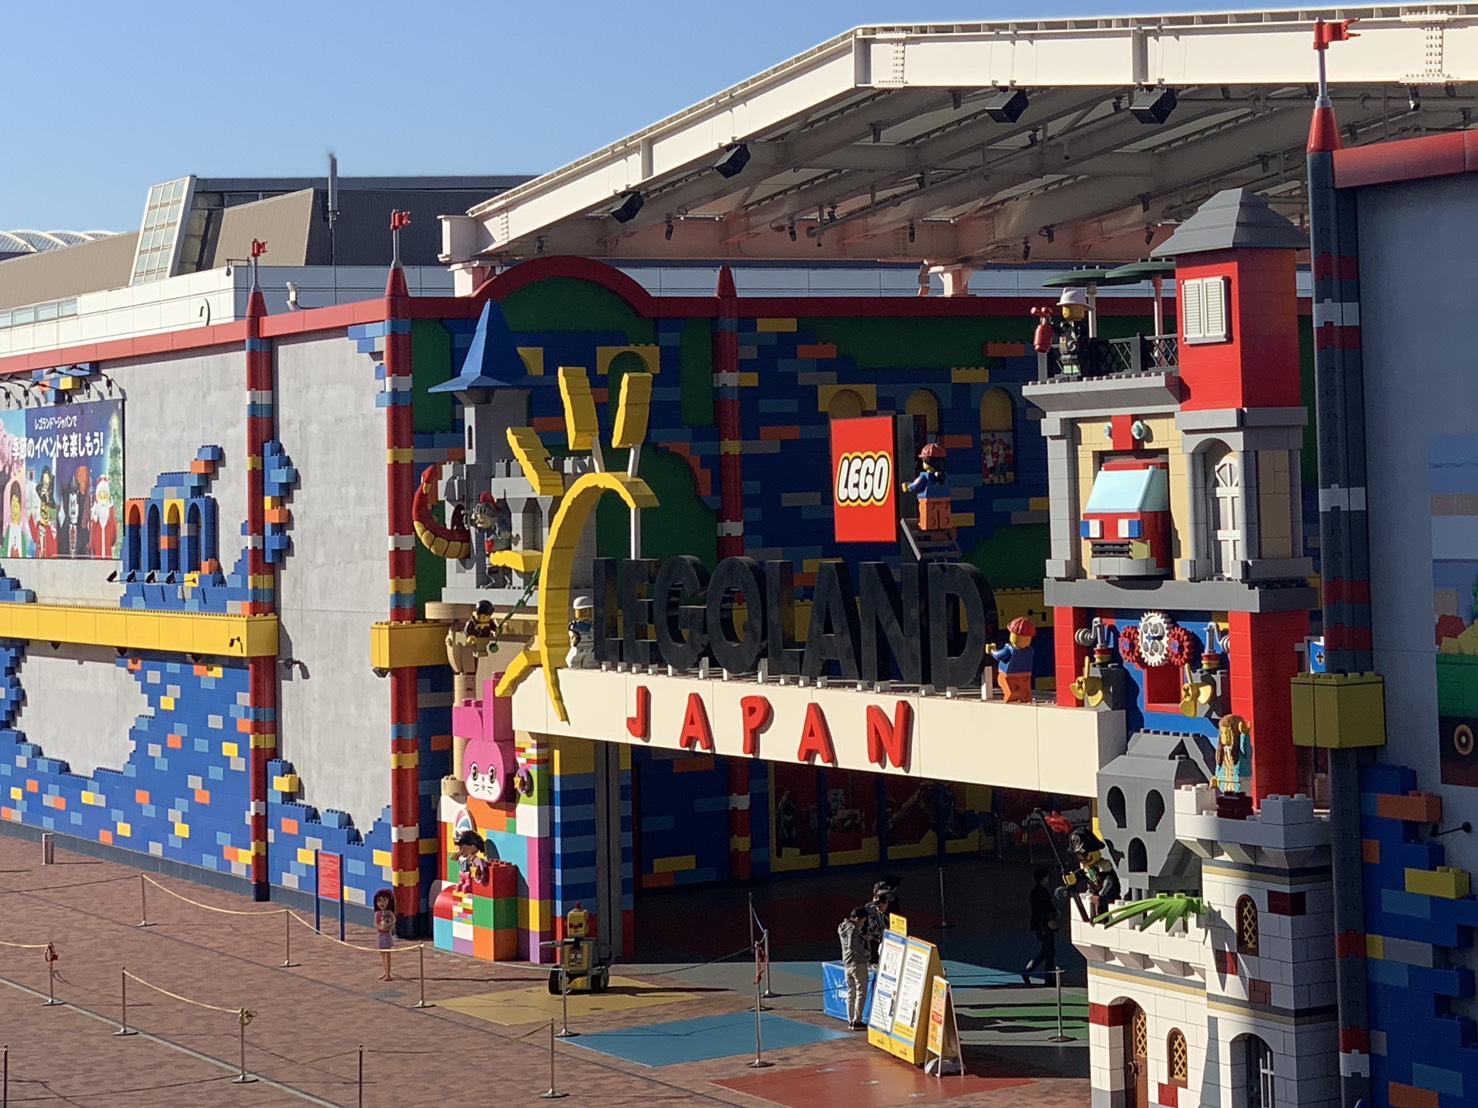 樂高樂園每日營業時間不同,通常都是早上十點開門。